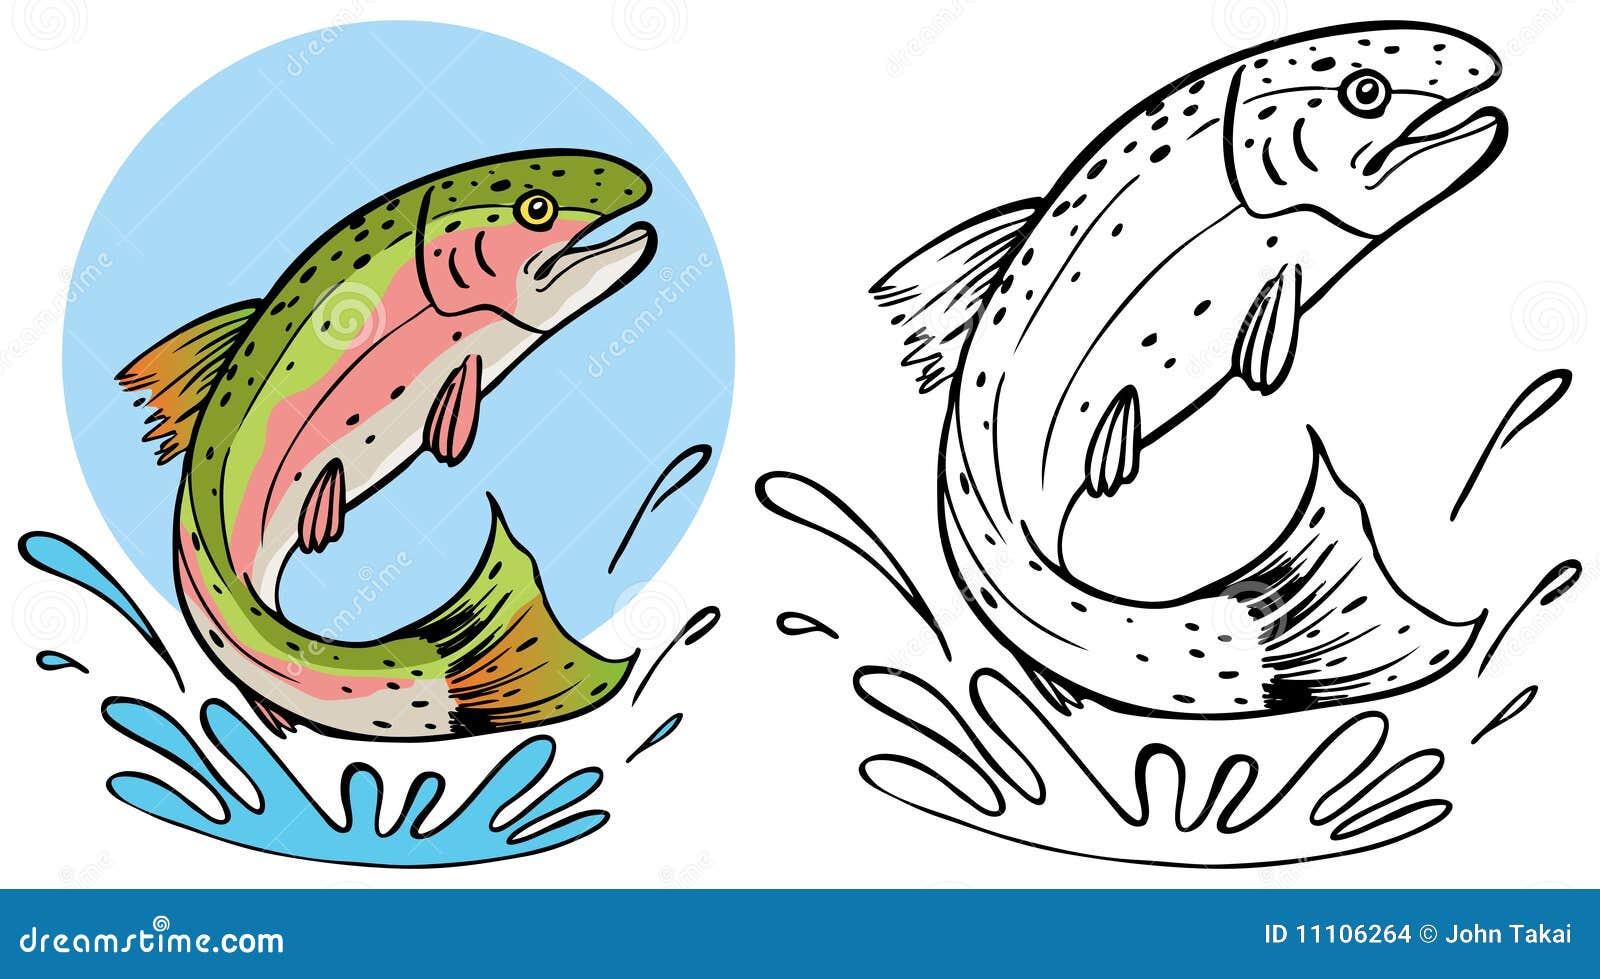 Claboussement de truite illustration de vecteur - Dessin truite ...